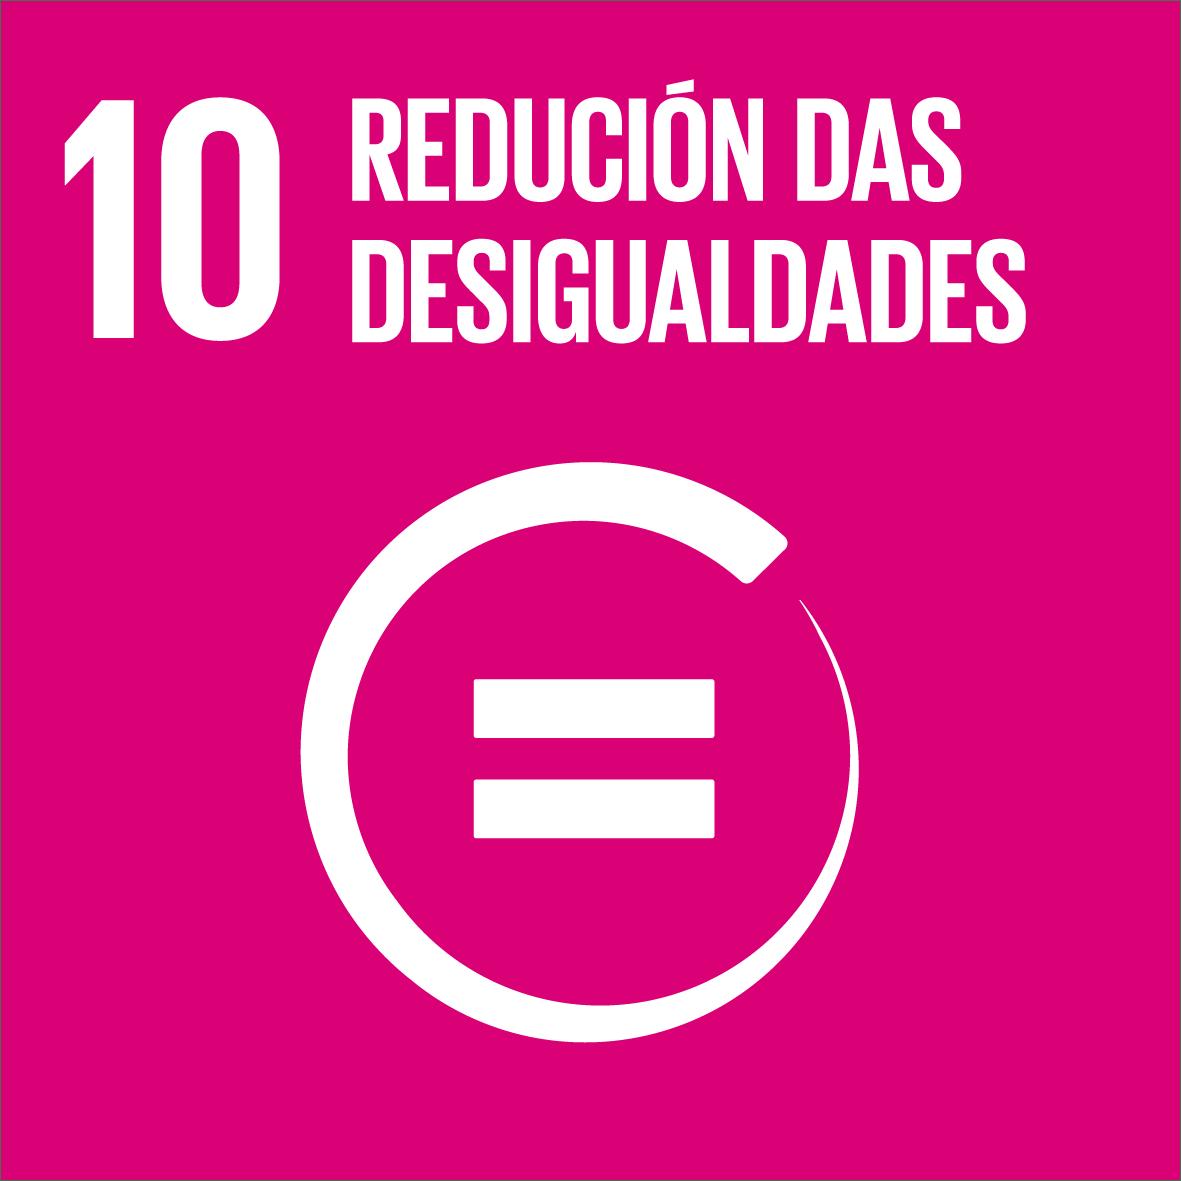 ODS 10: Redución das desigualdades